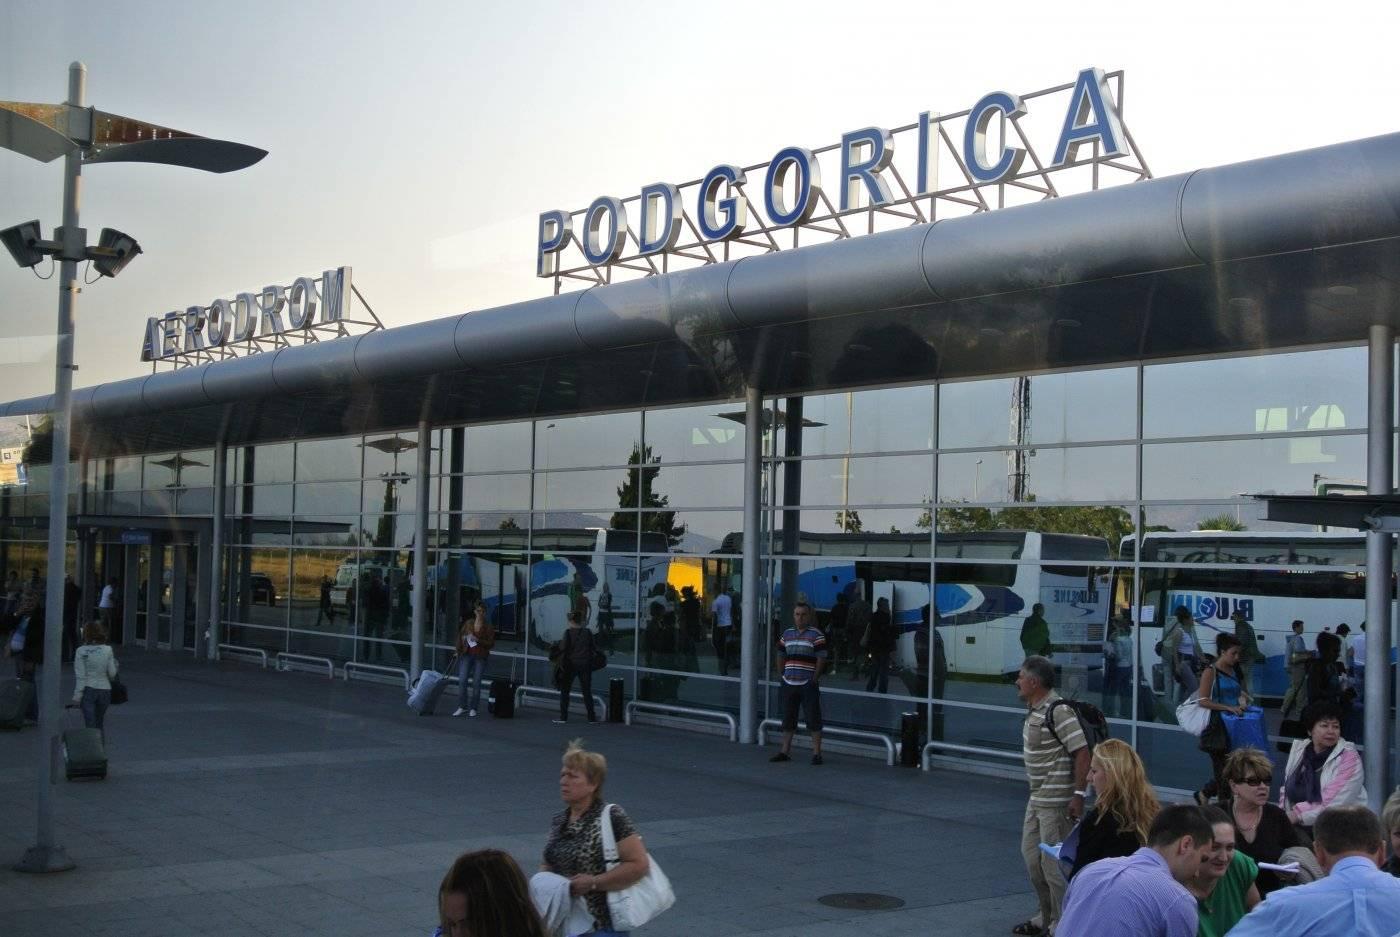 Аэропорты в черногории тиват и подгорица